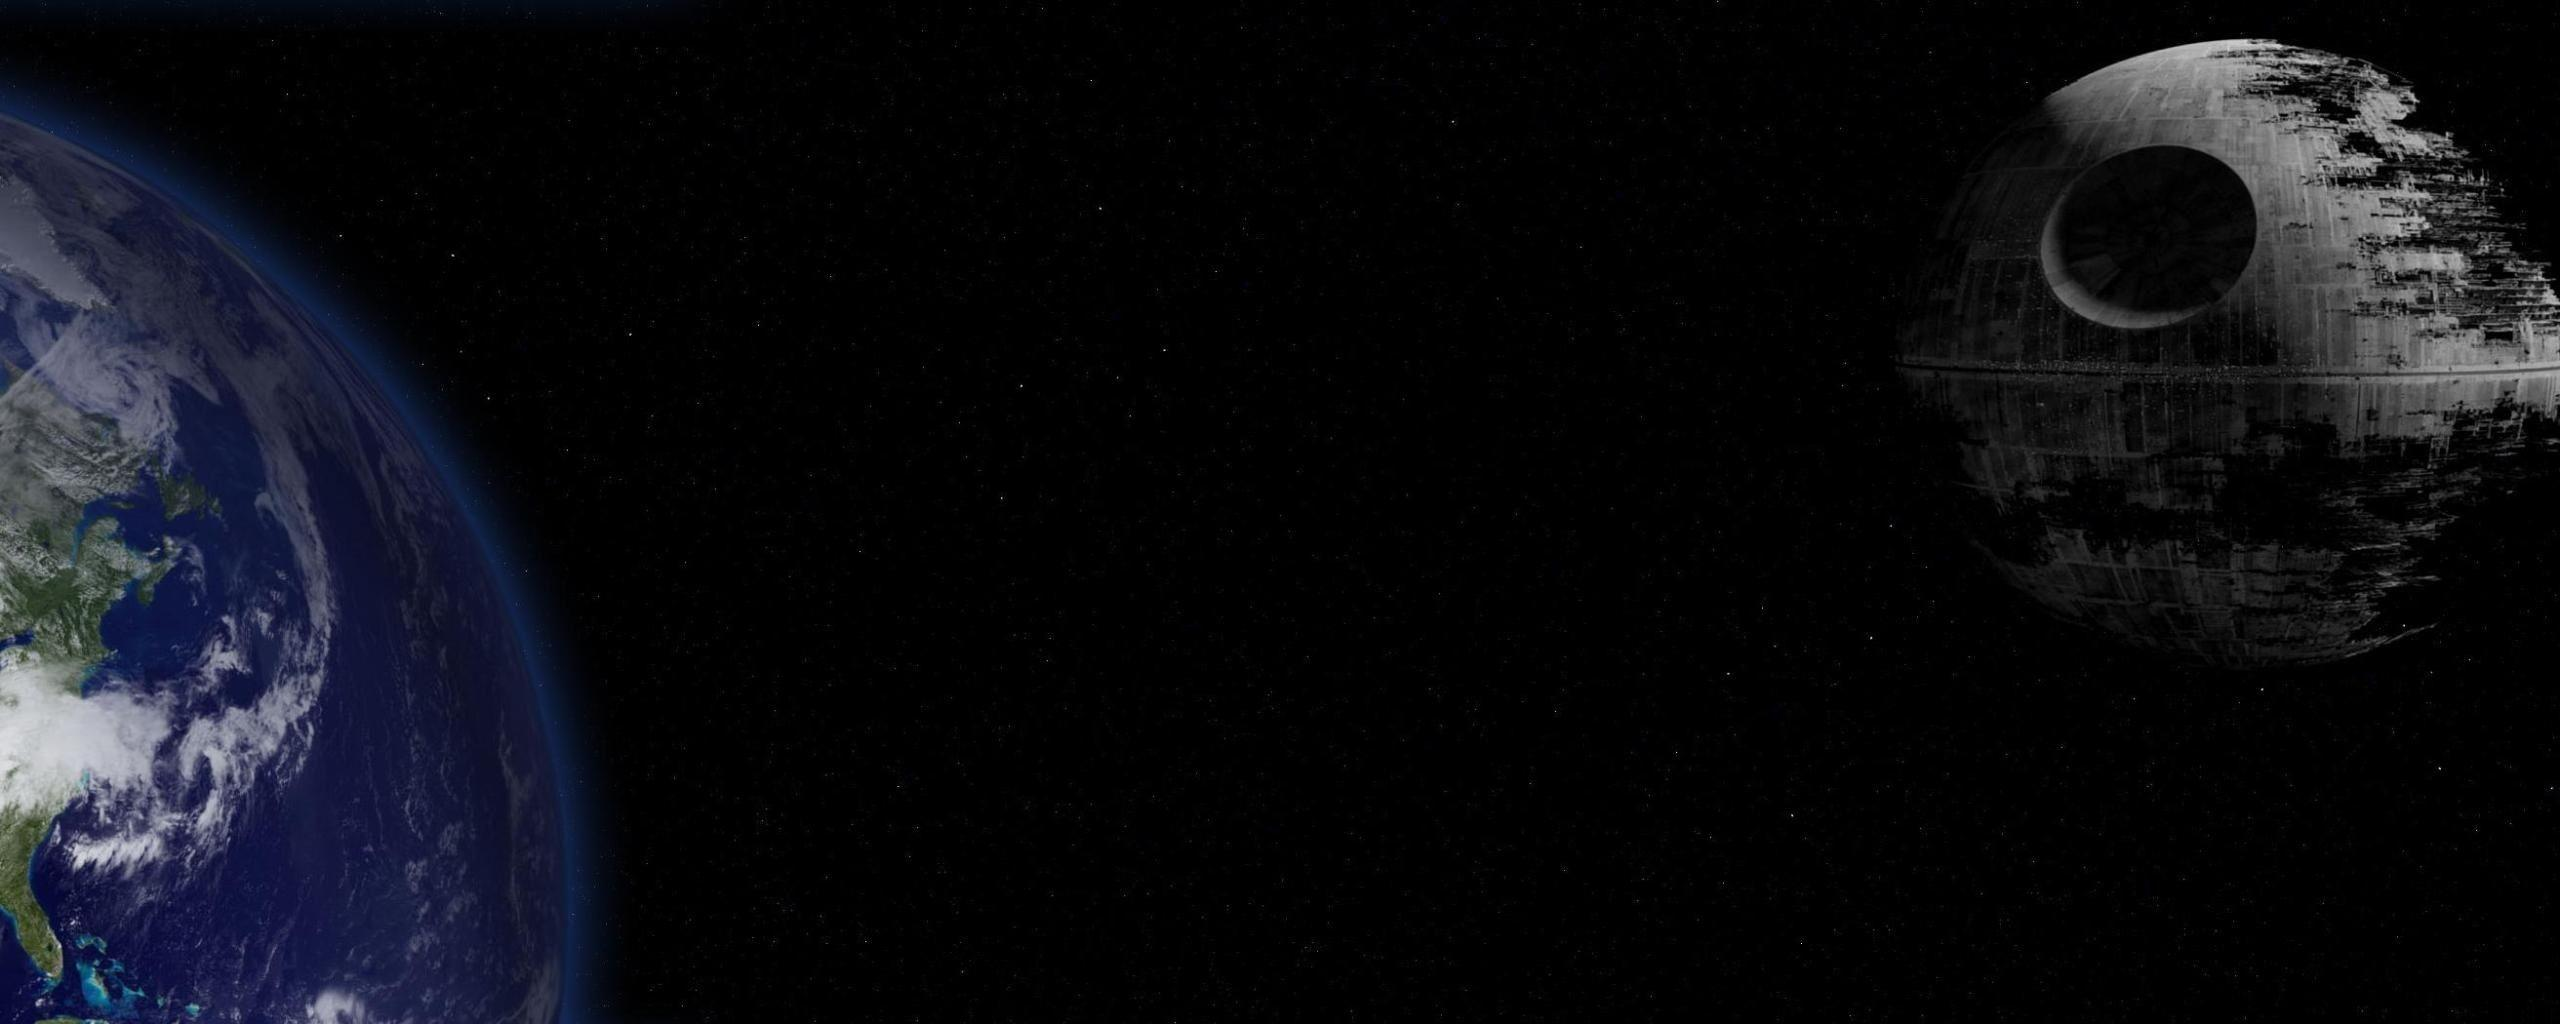 4k Death Star Wallpaper Photo Star Wars Space Death Star